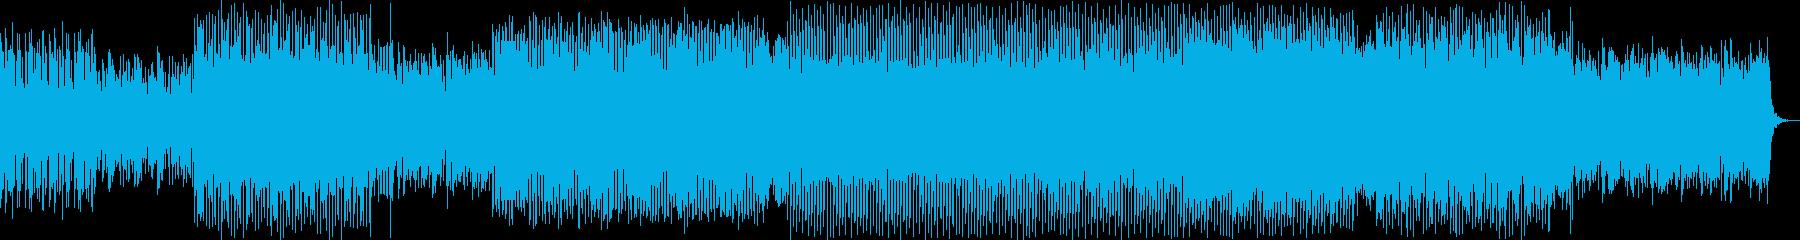 ドキドキ感のシンセポップハウス系の再生済みの波形